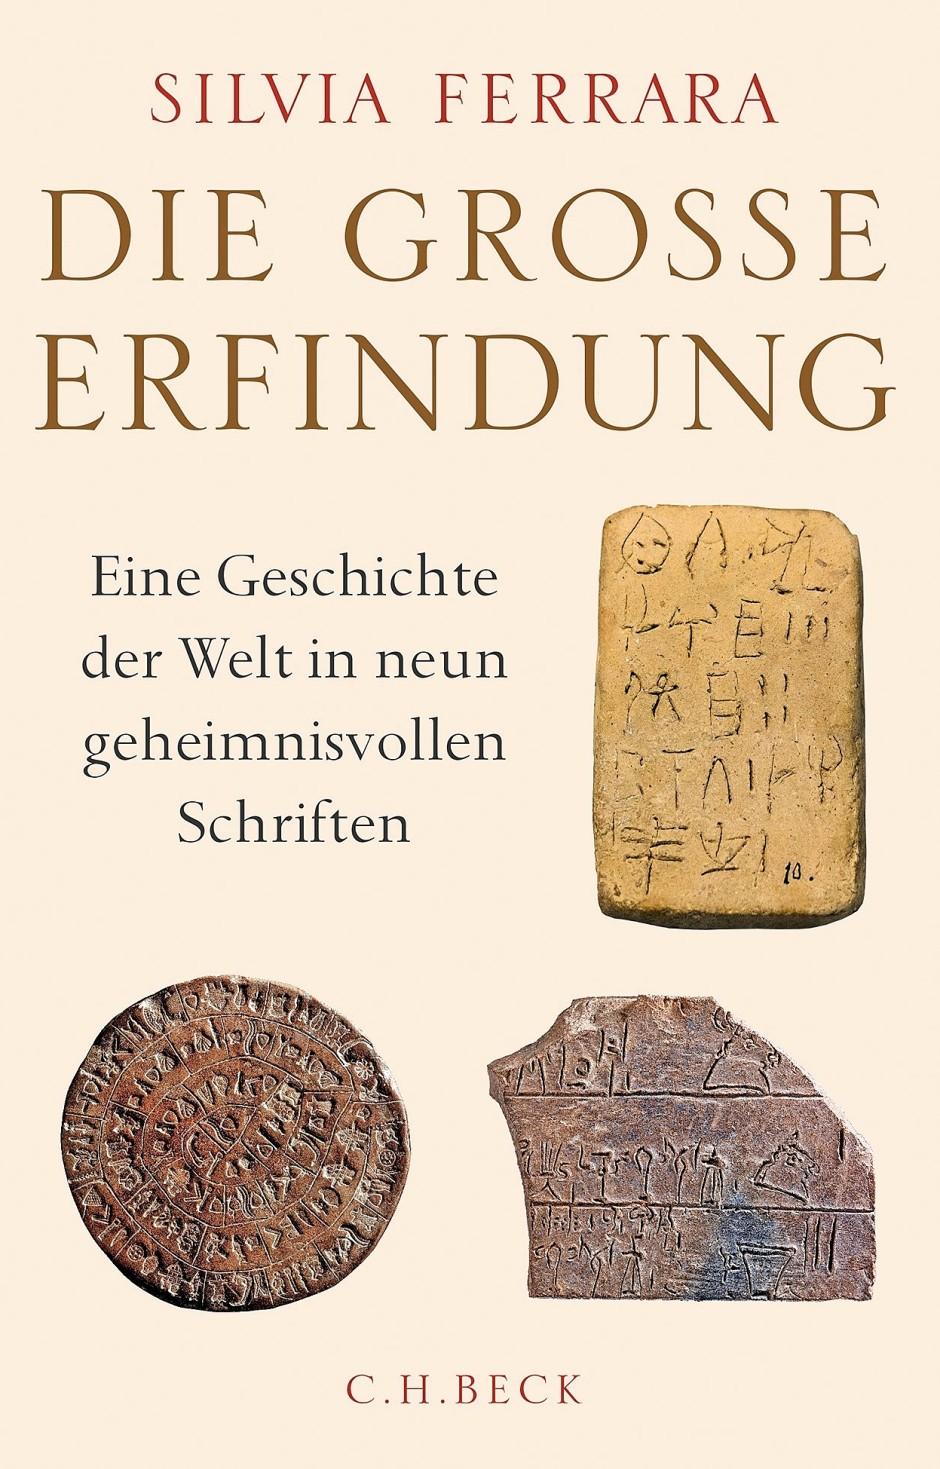 """Silvia Ferrara: """"Die große Erfindung"""". Eine Geschichte der Welt in neun geheimnisvollen Schriften."""